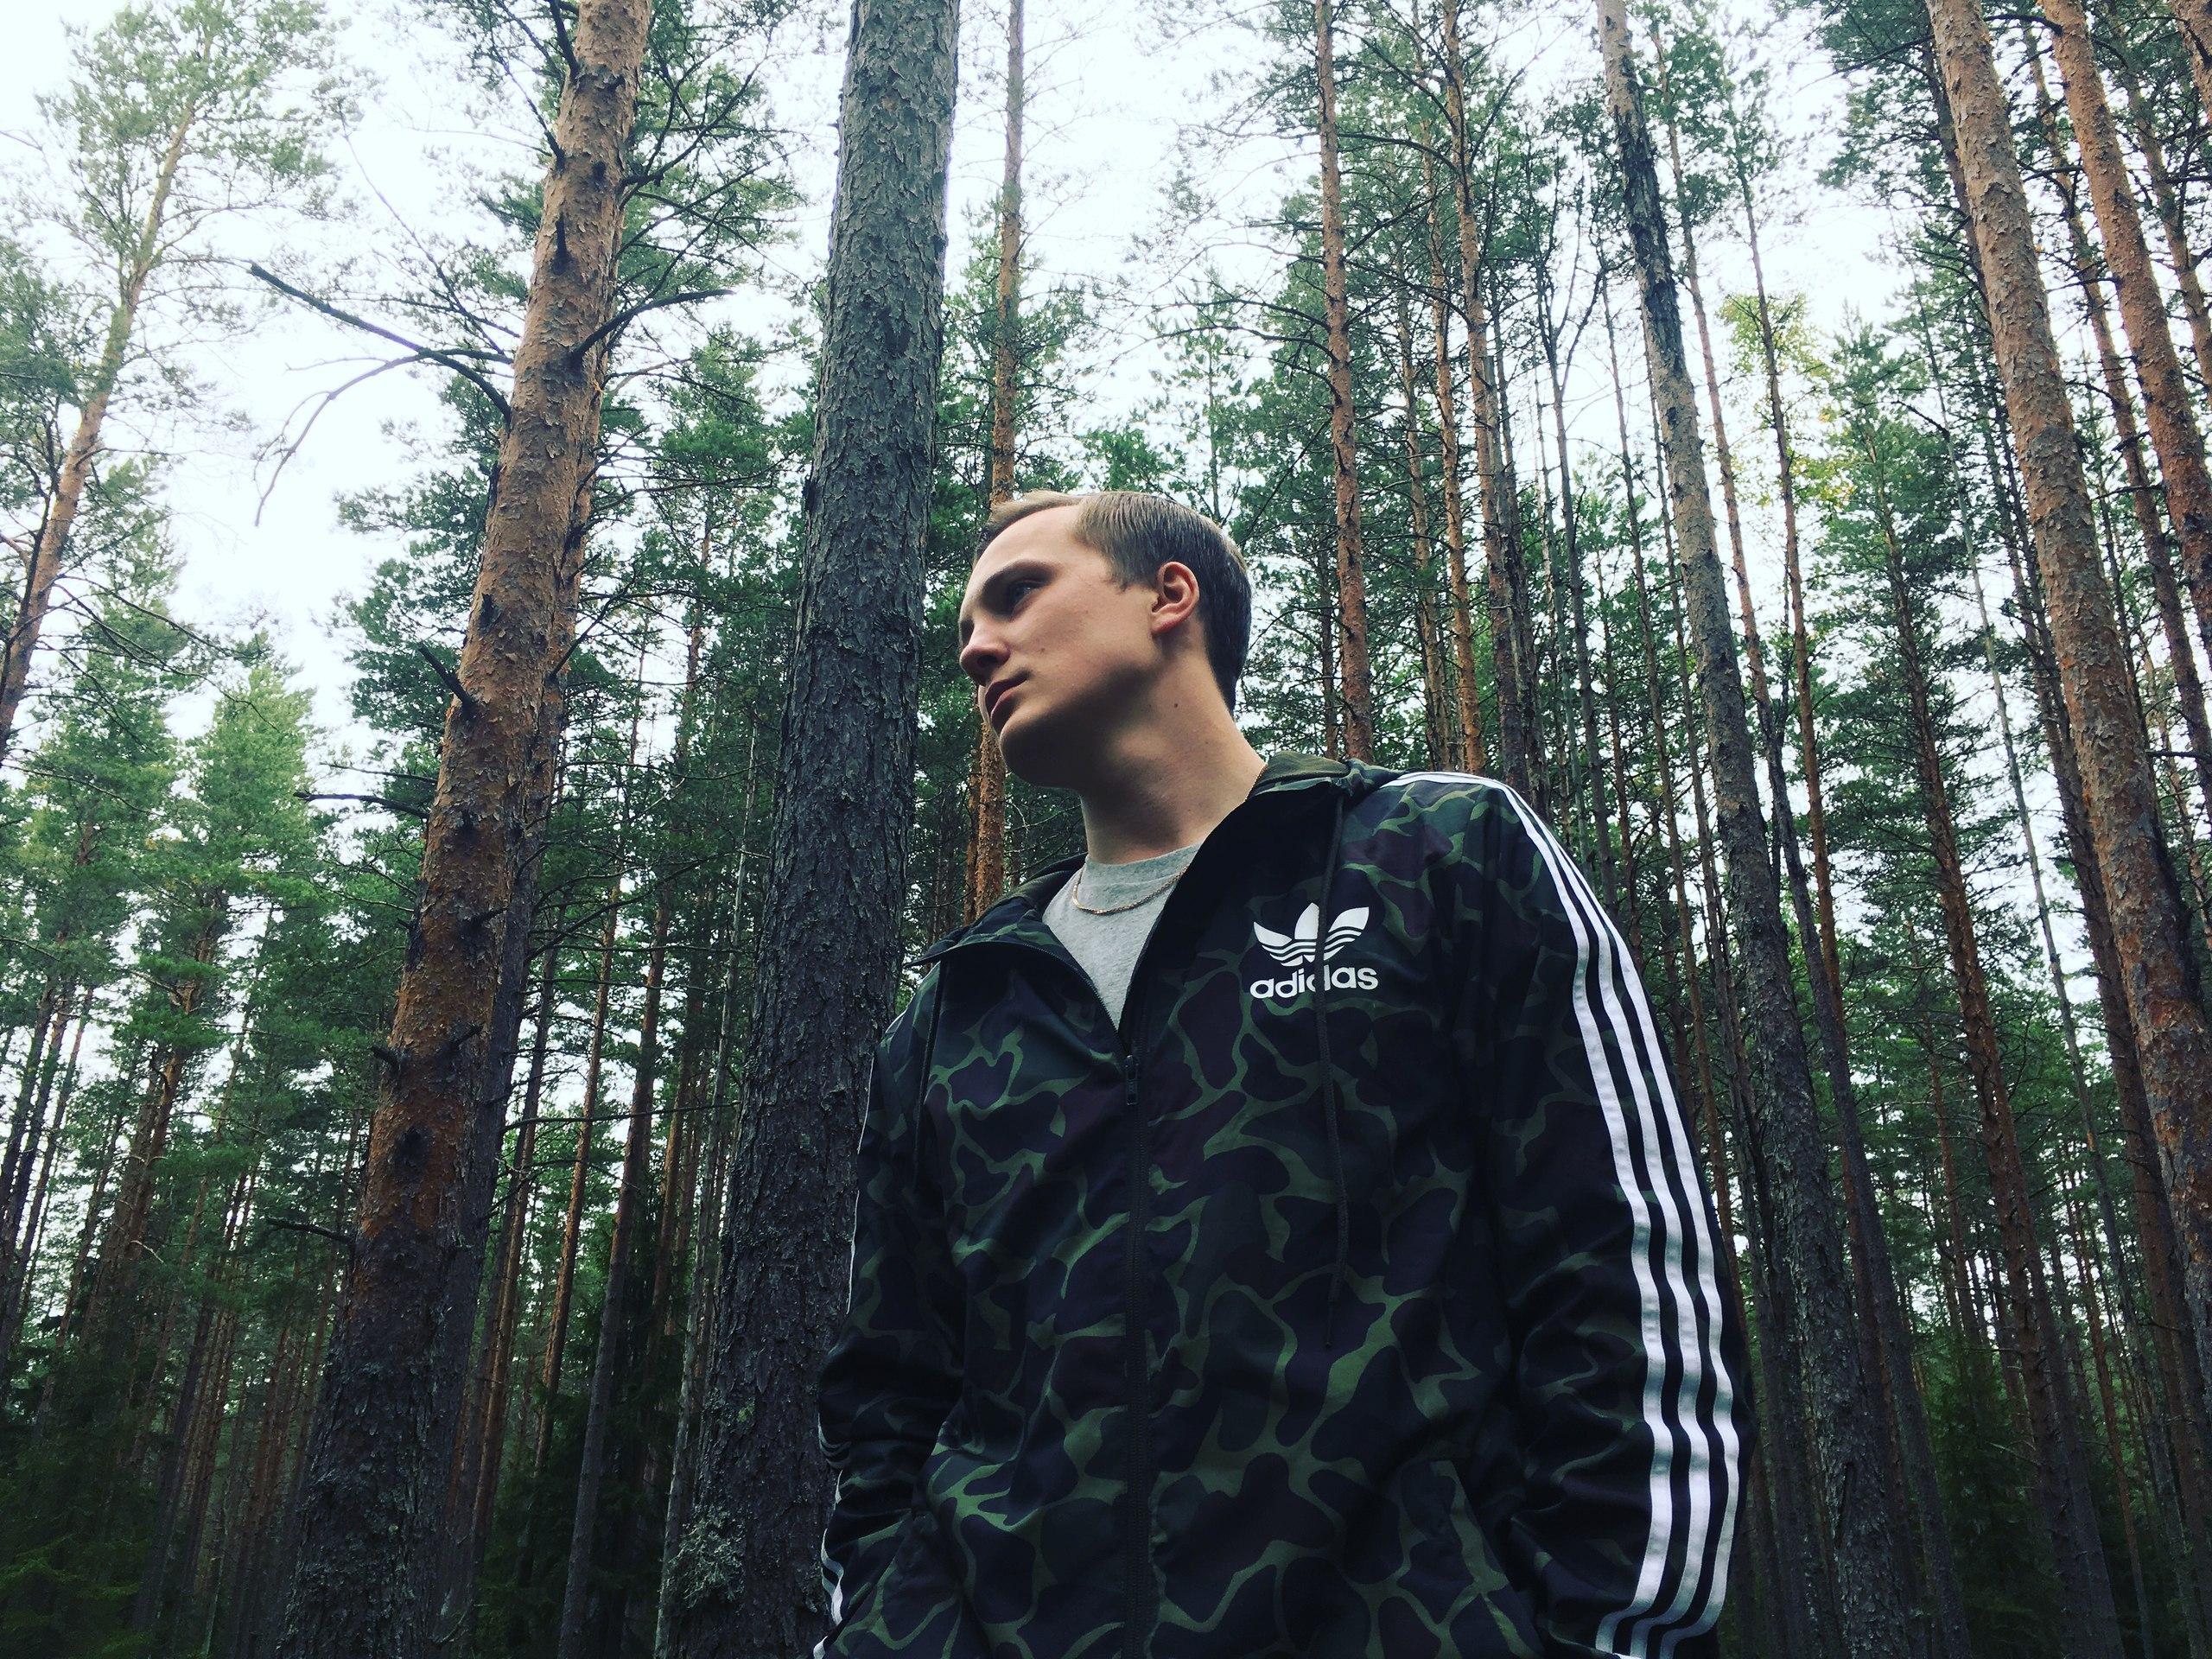 Гей порно дядька затащил мальчика в лес